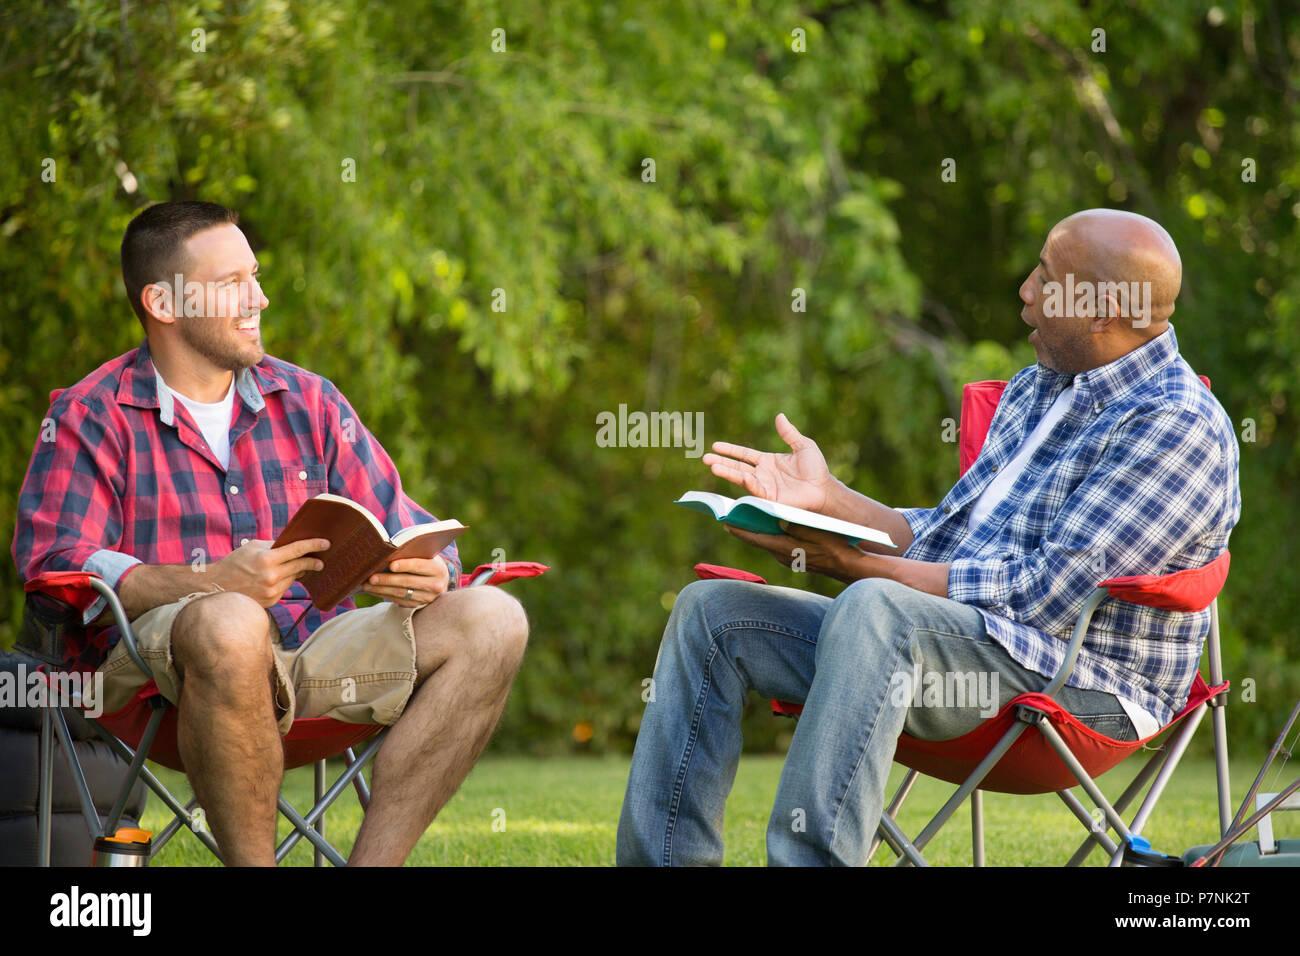 Les hommes ayant une étude de la bible. Photo Stock